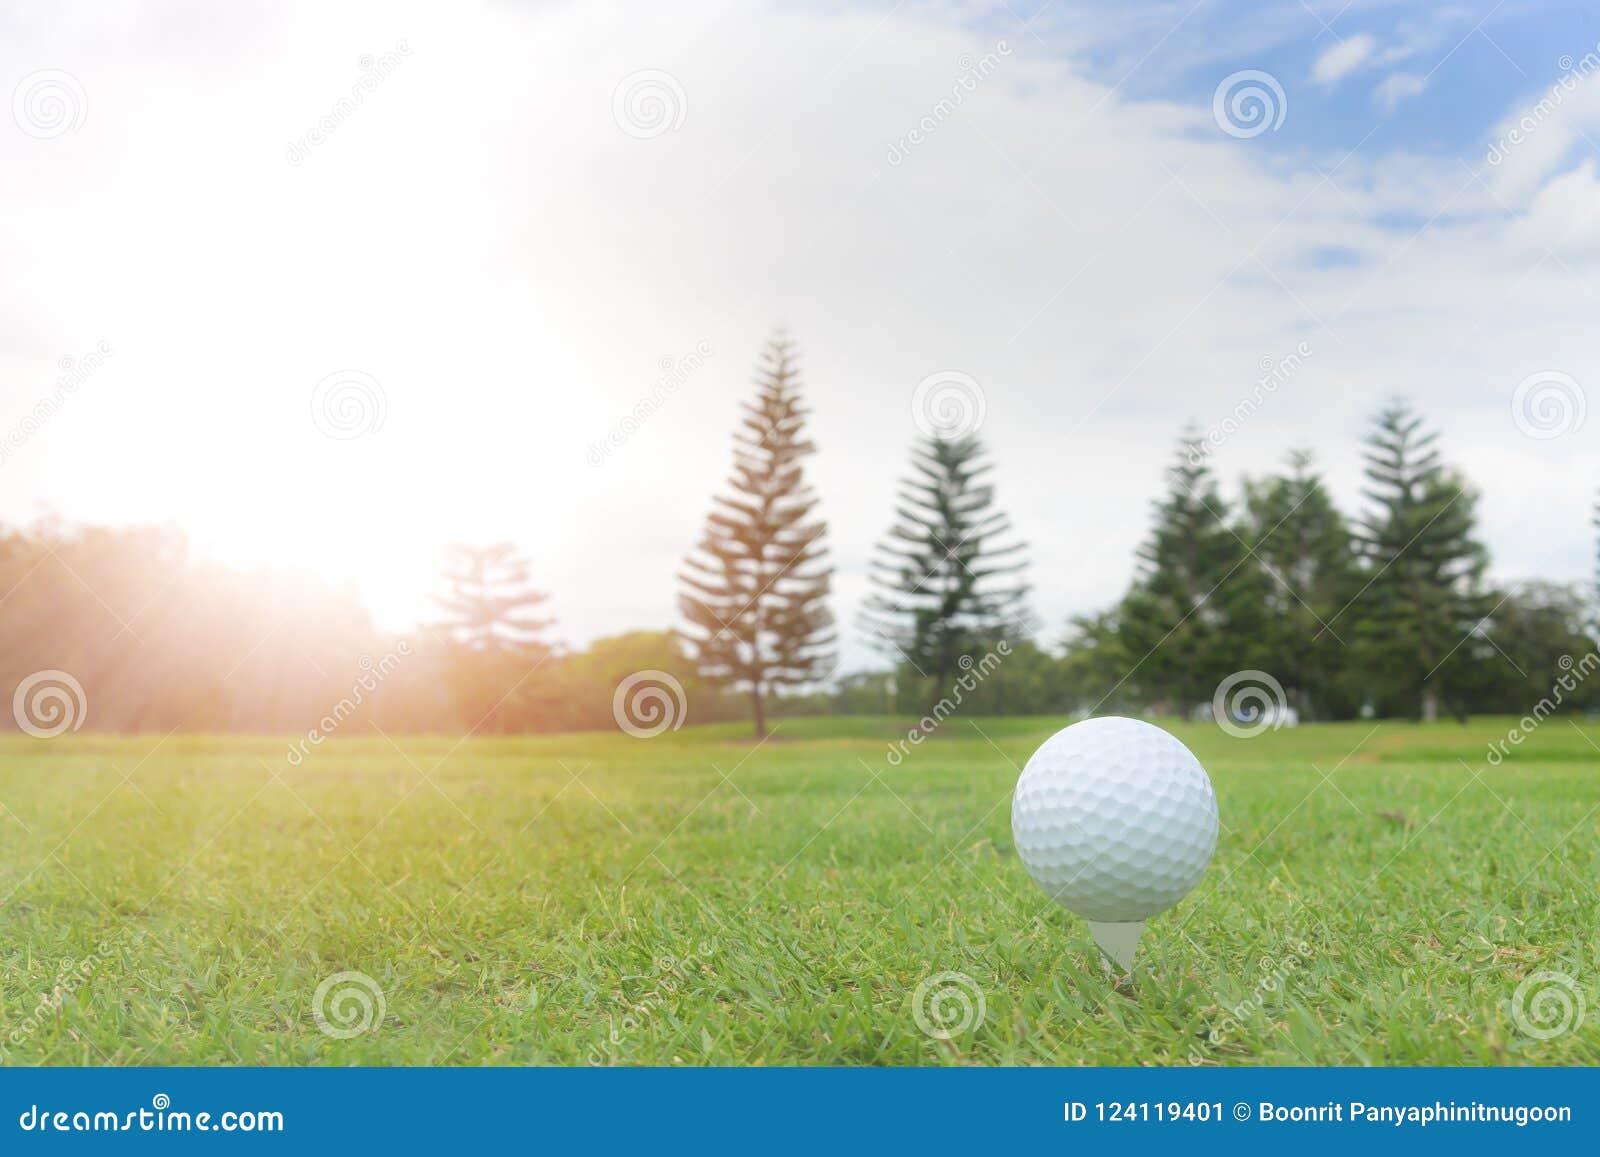 Golfbegrepp: Golfboll på golfbanan, en golfballset upp för